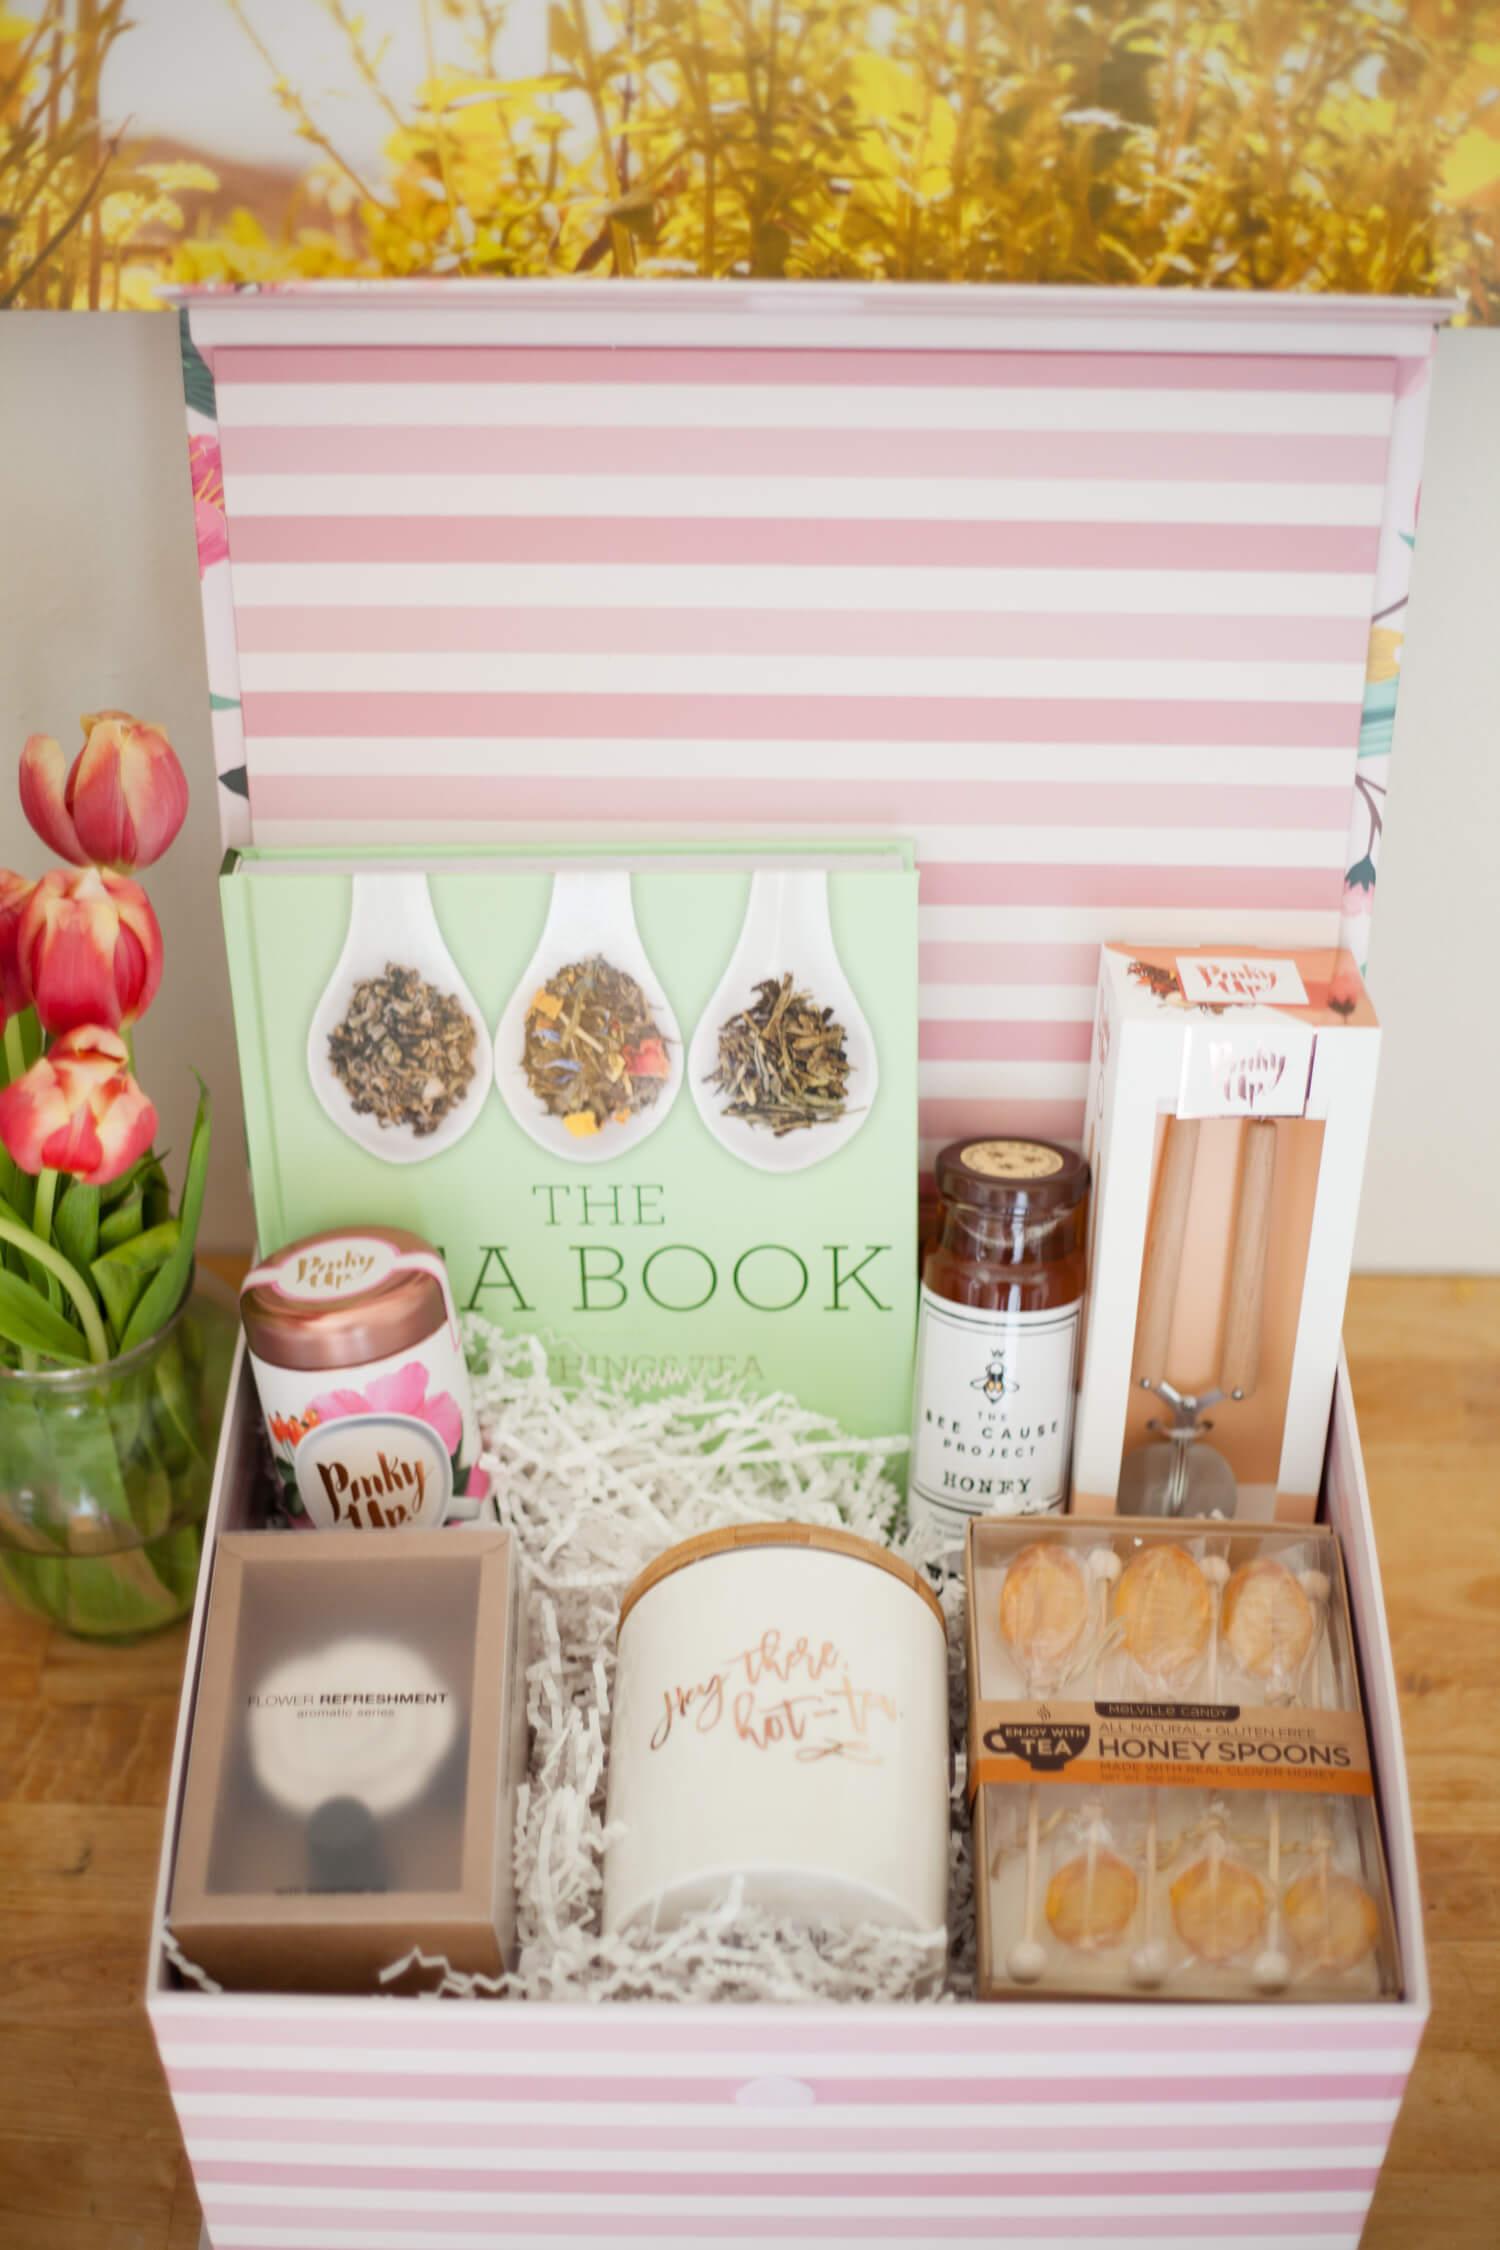 A fun gift basket idea for the tea lover!